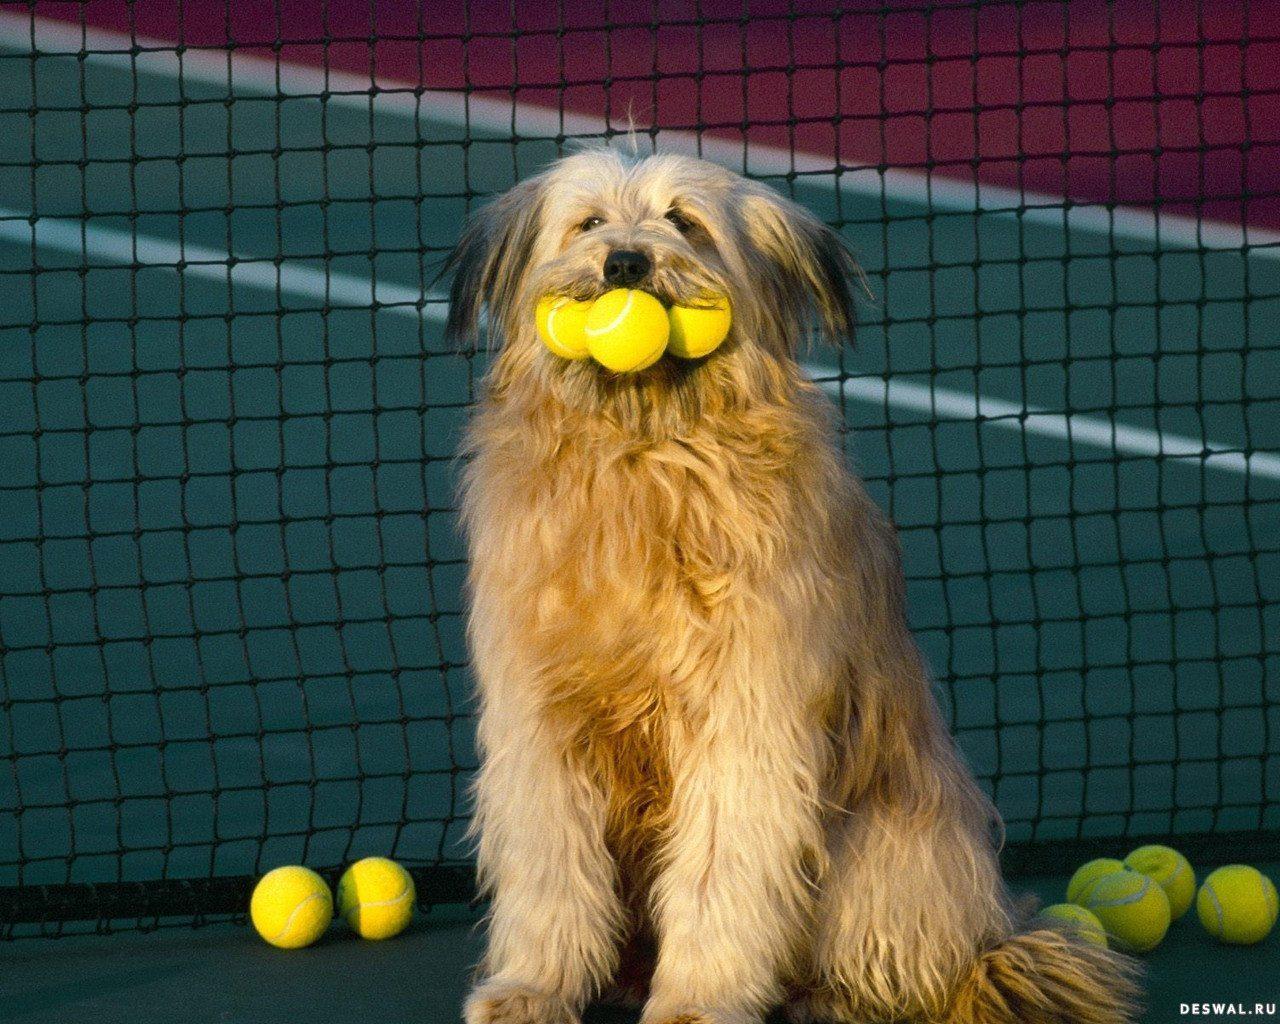 Бриар играет в большой теннис.